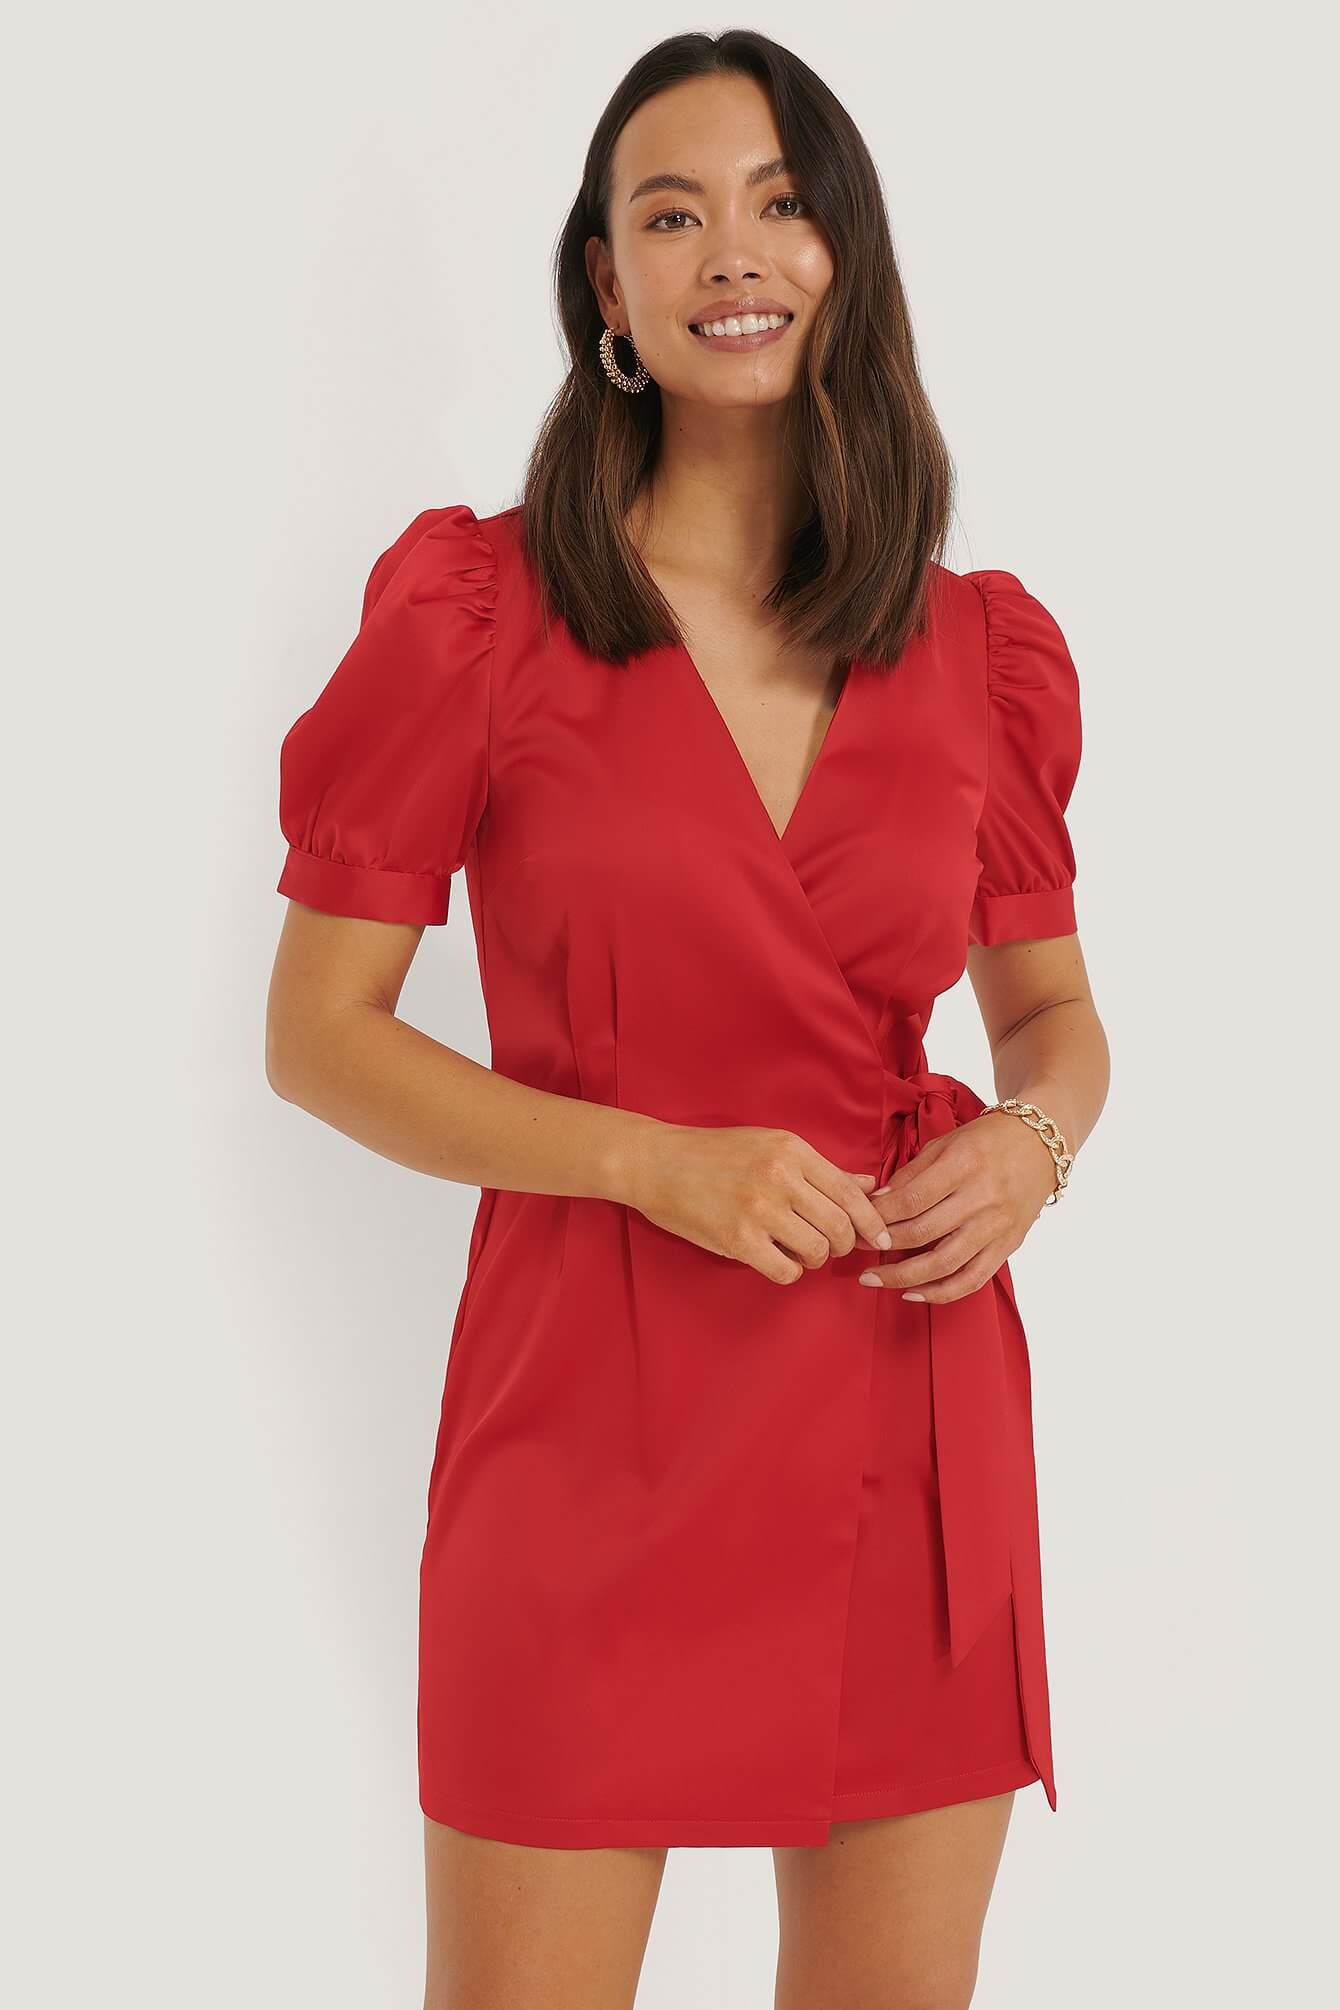 En kort röd klänning med puffärmar.